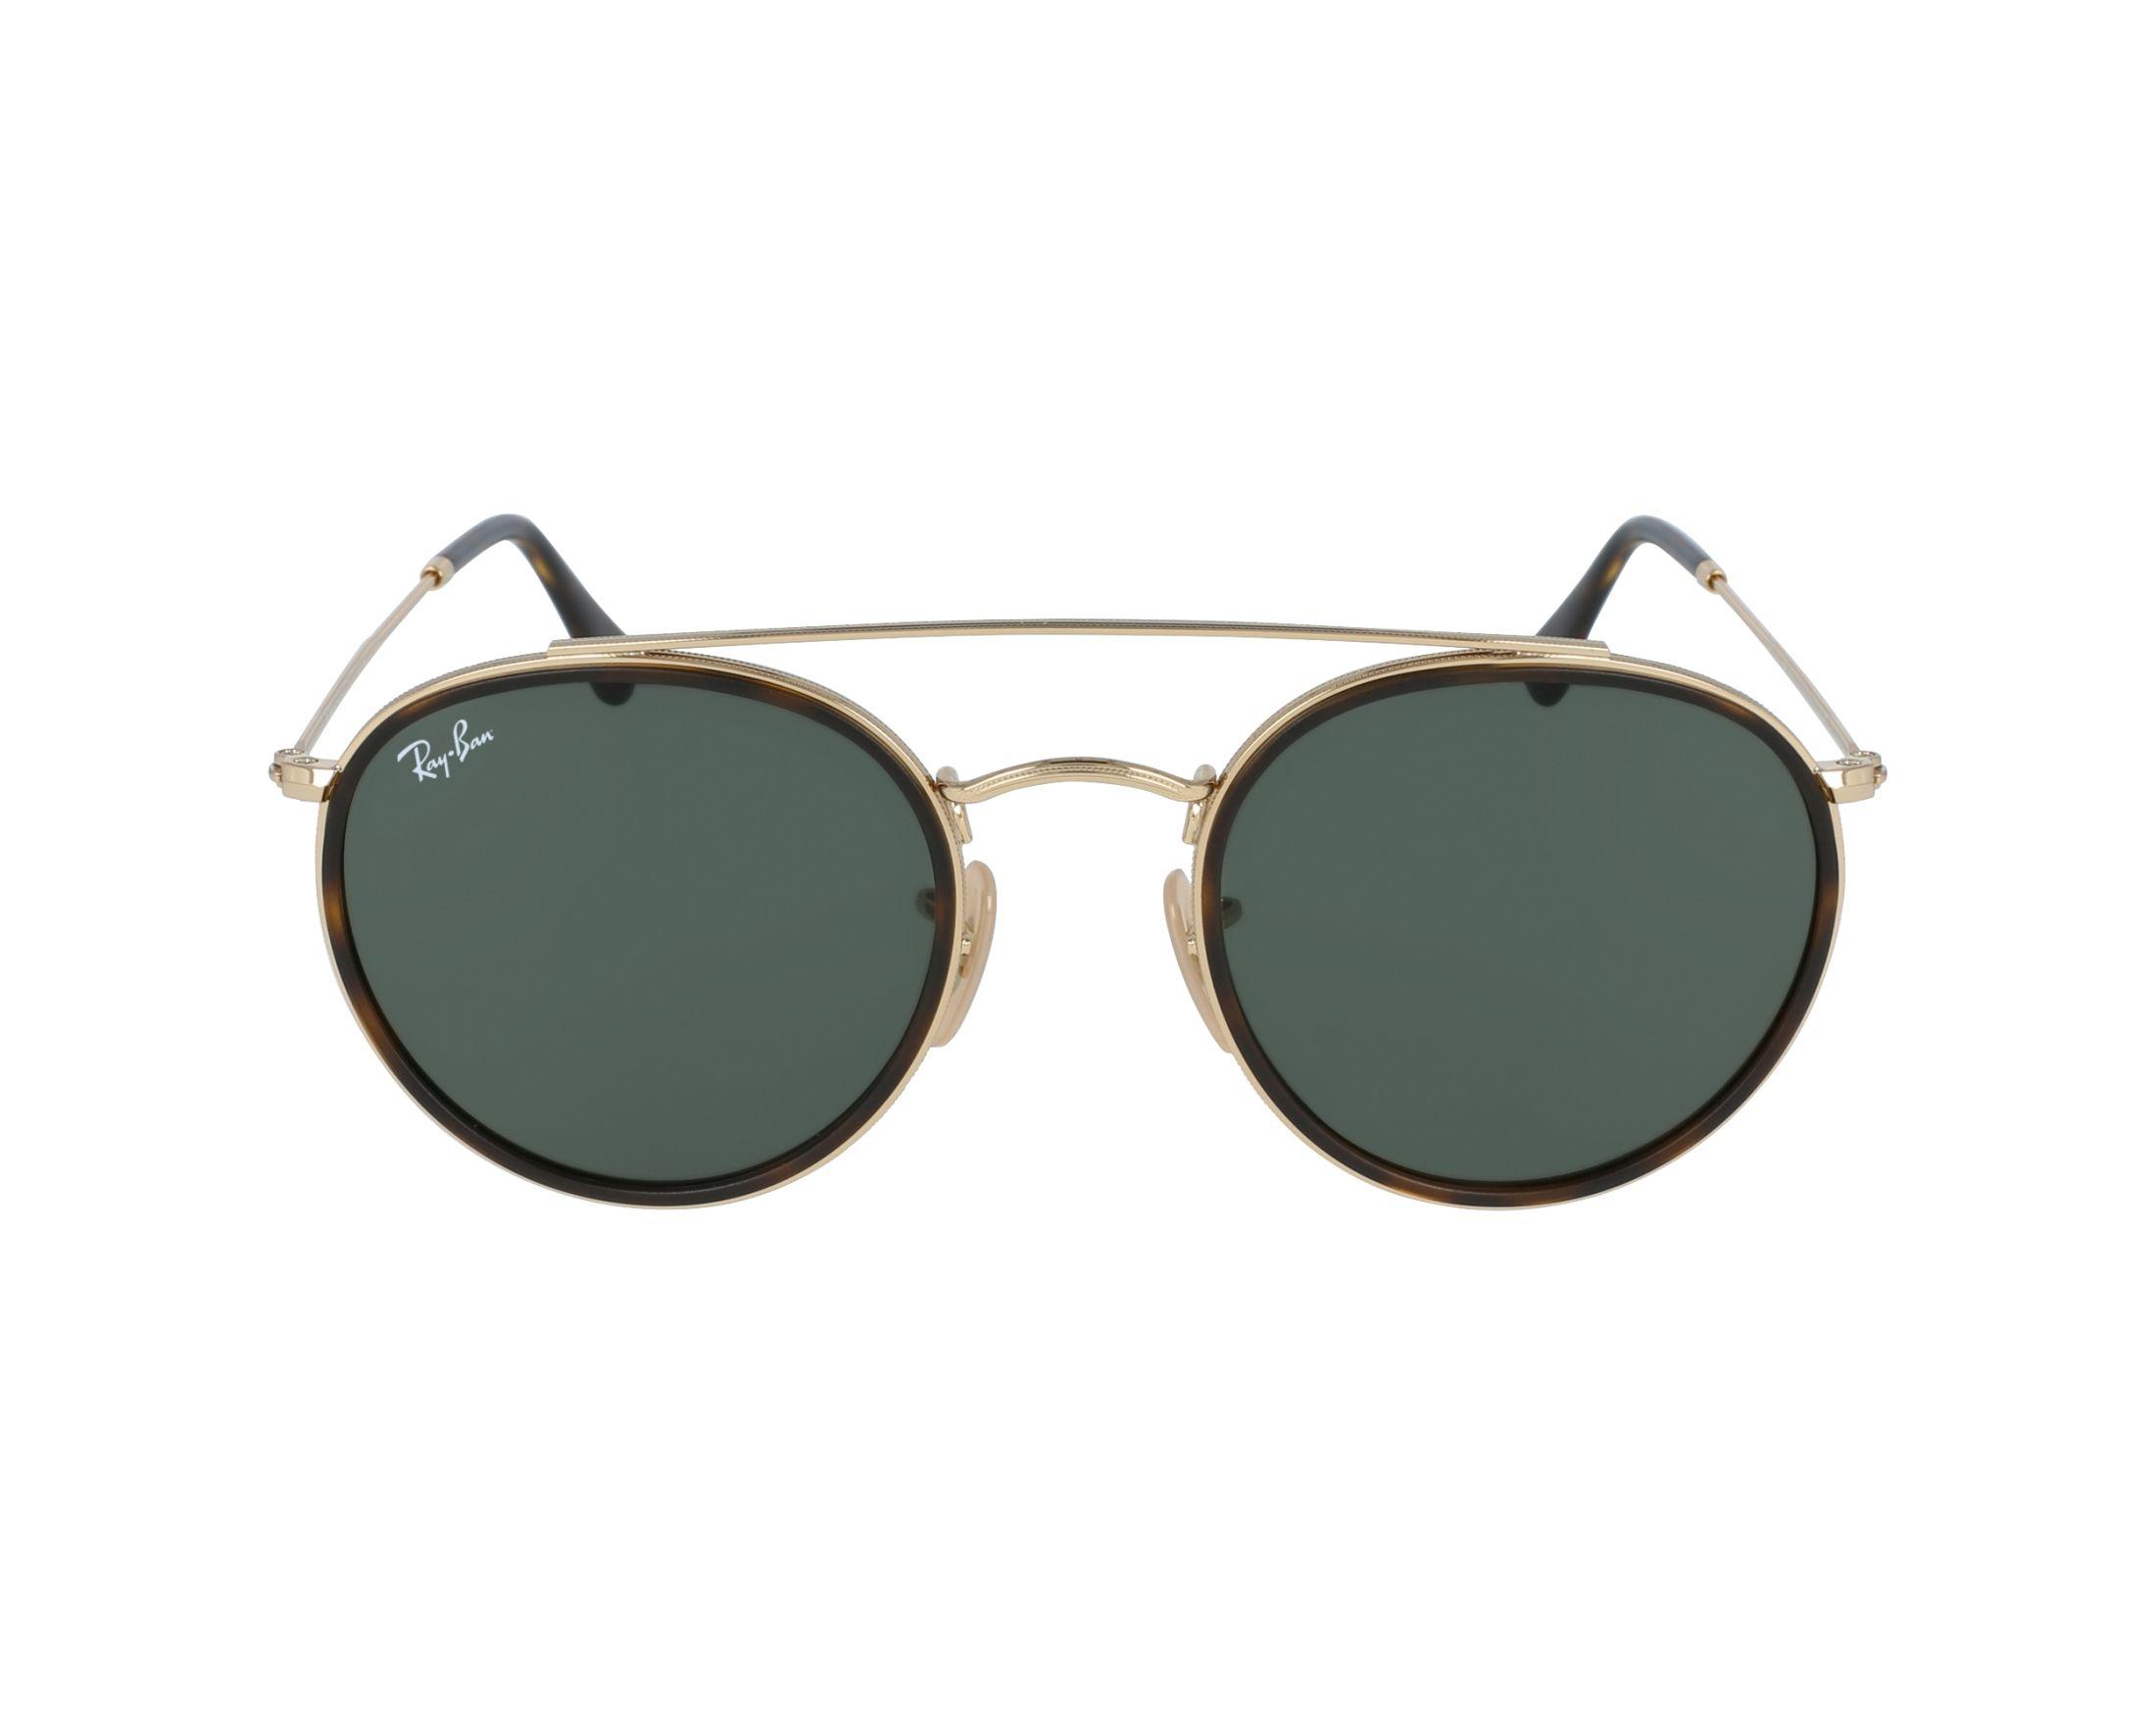 lunettes de soleil ray ban rb 3647 n 001 or avec des verres gris vert. Black Bedroom Furniture Sets. Home Design Ideas